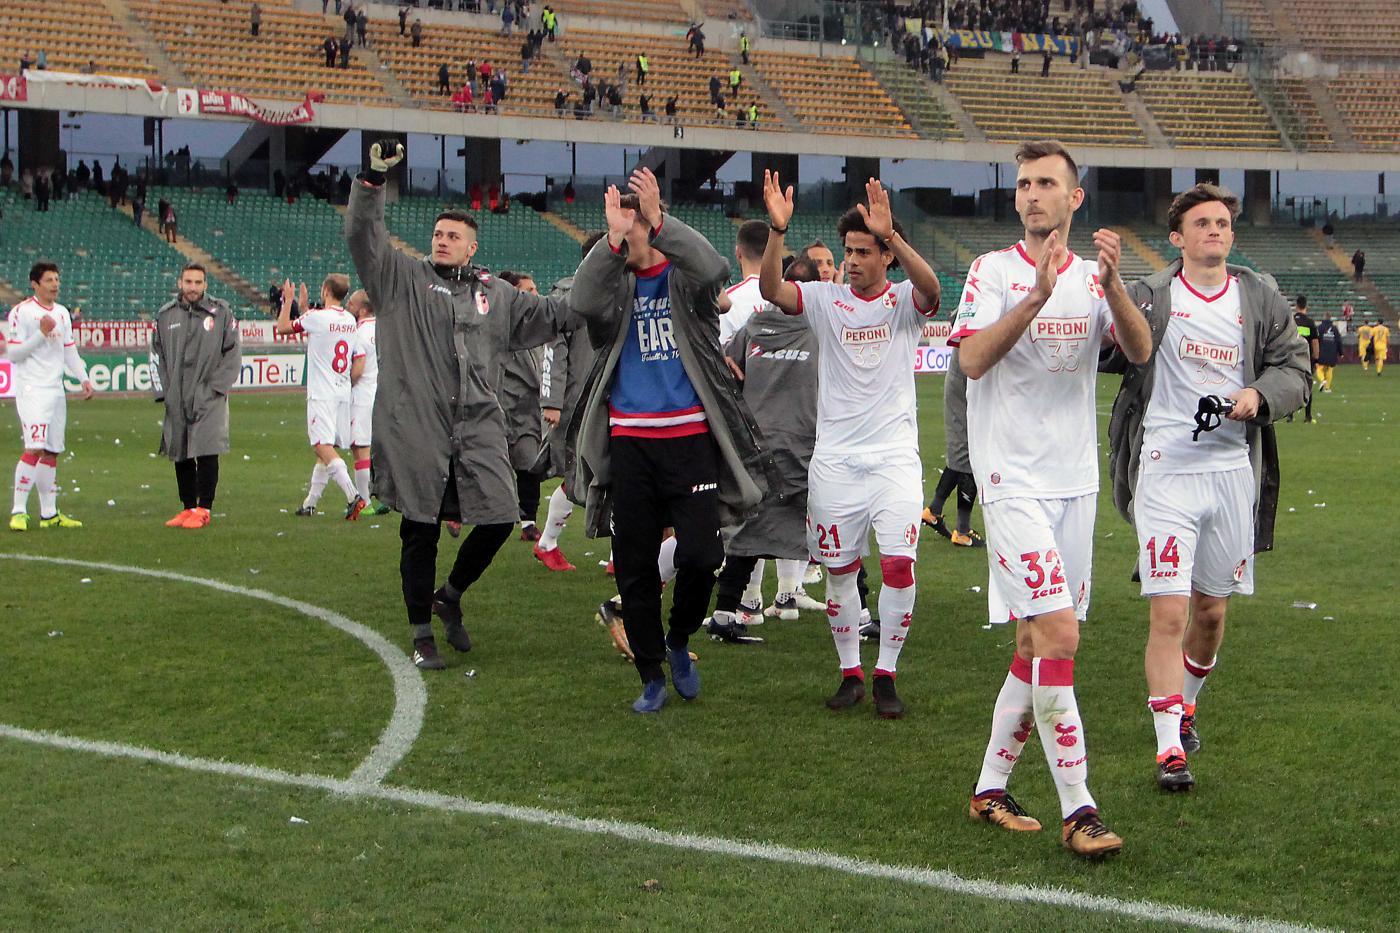 Serie C Girone C, Sicula Leonzio-Bari pronostico: attesa per la corazzata!